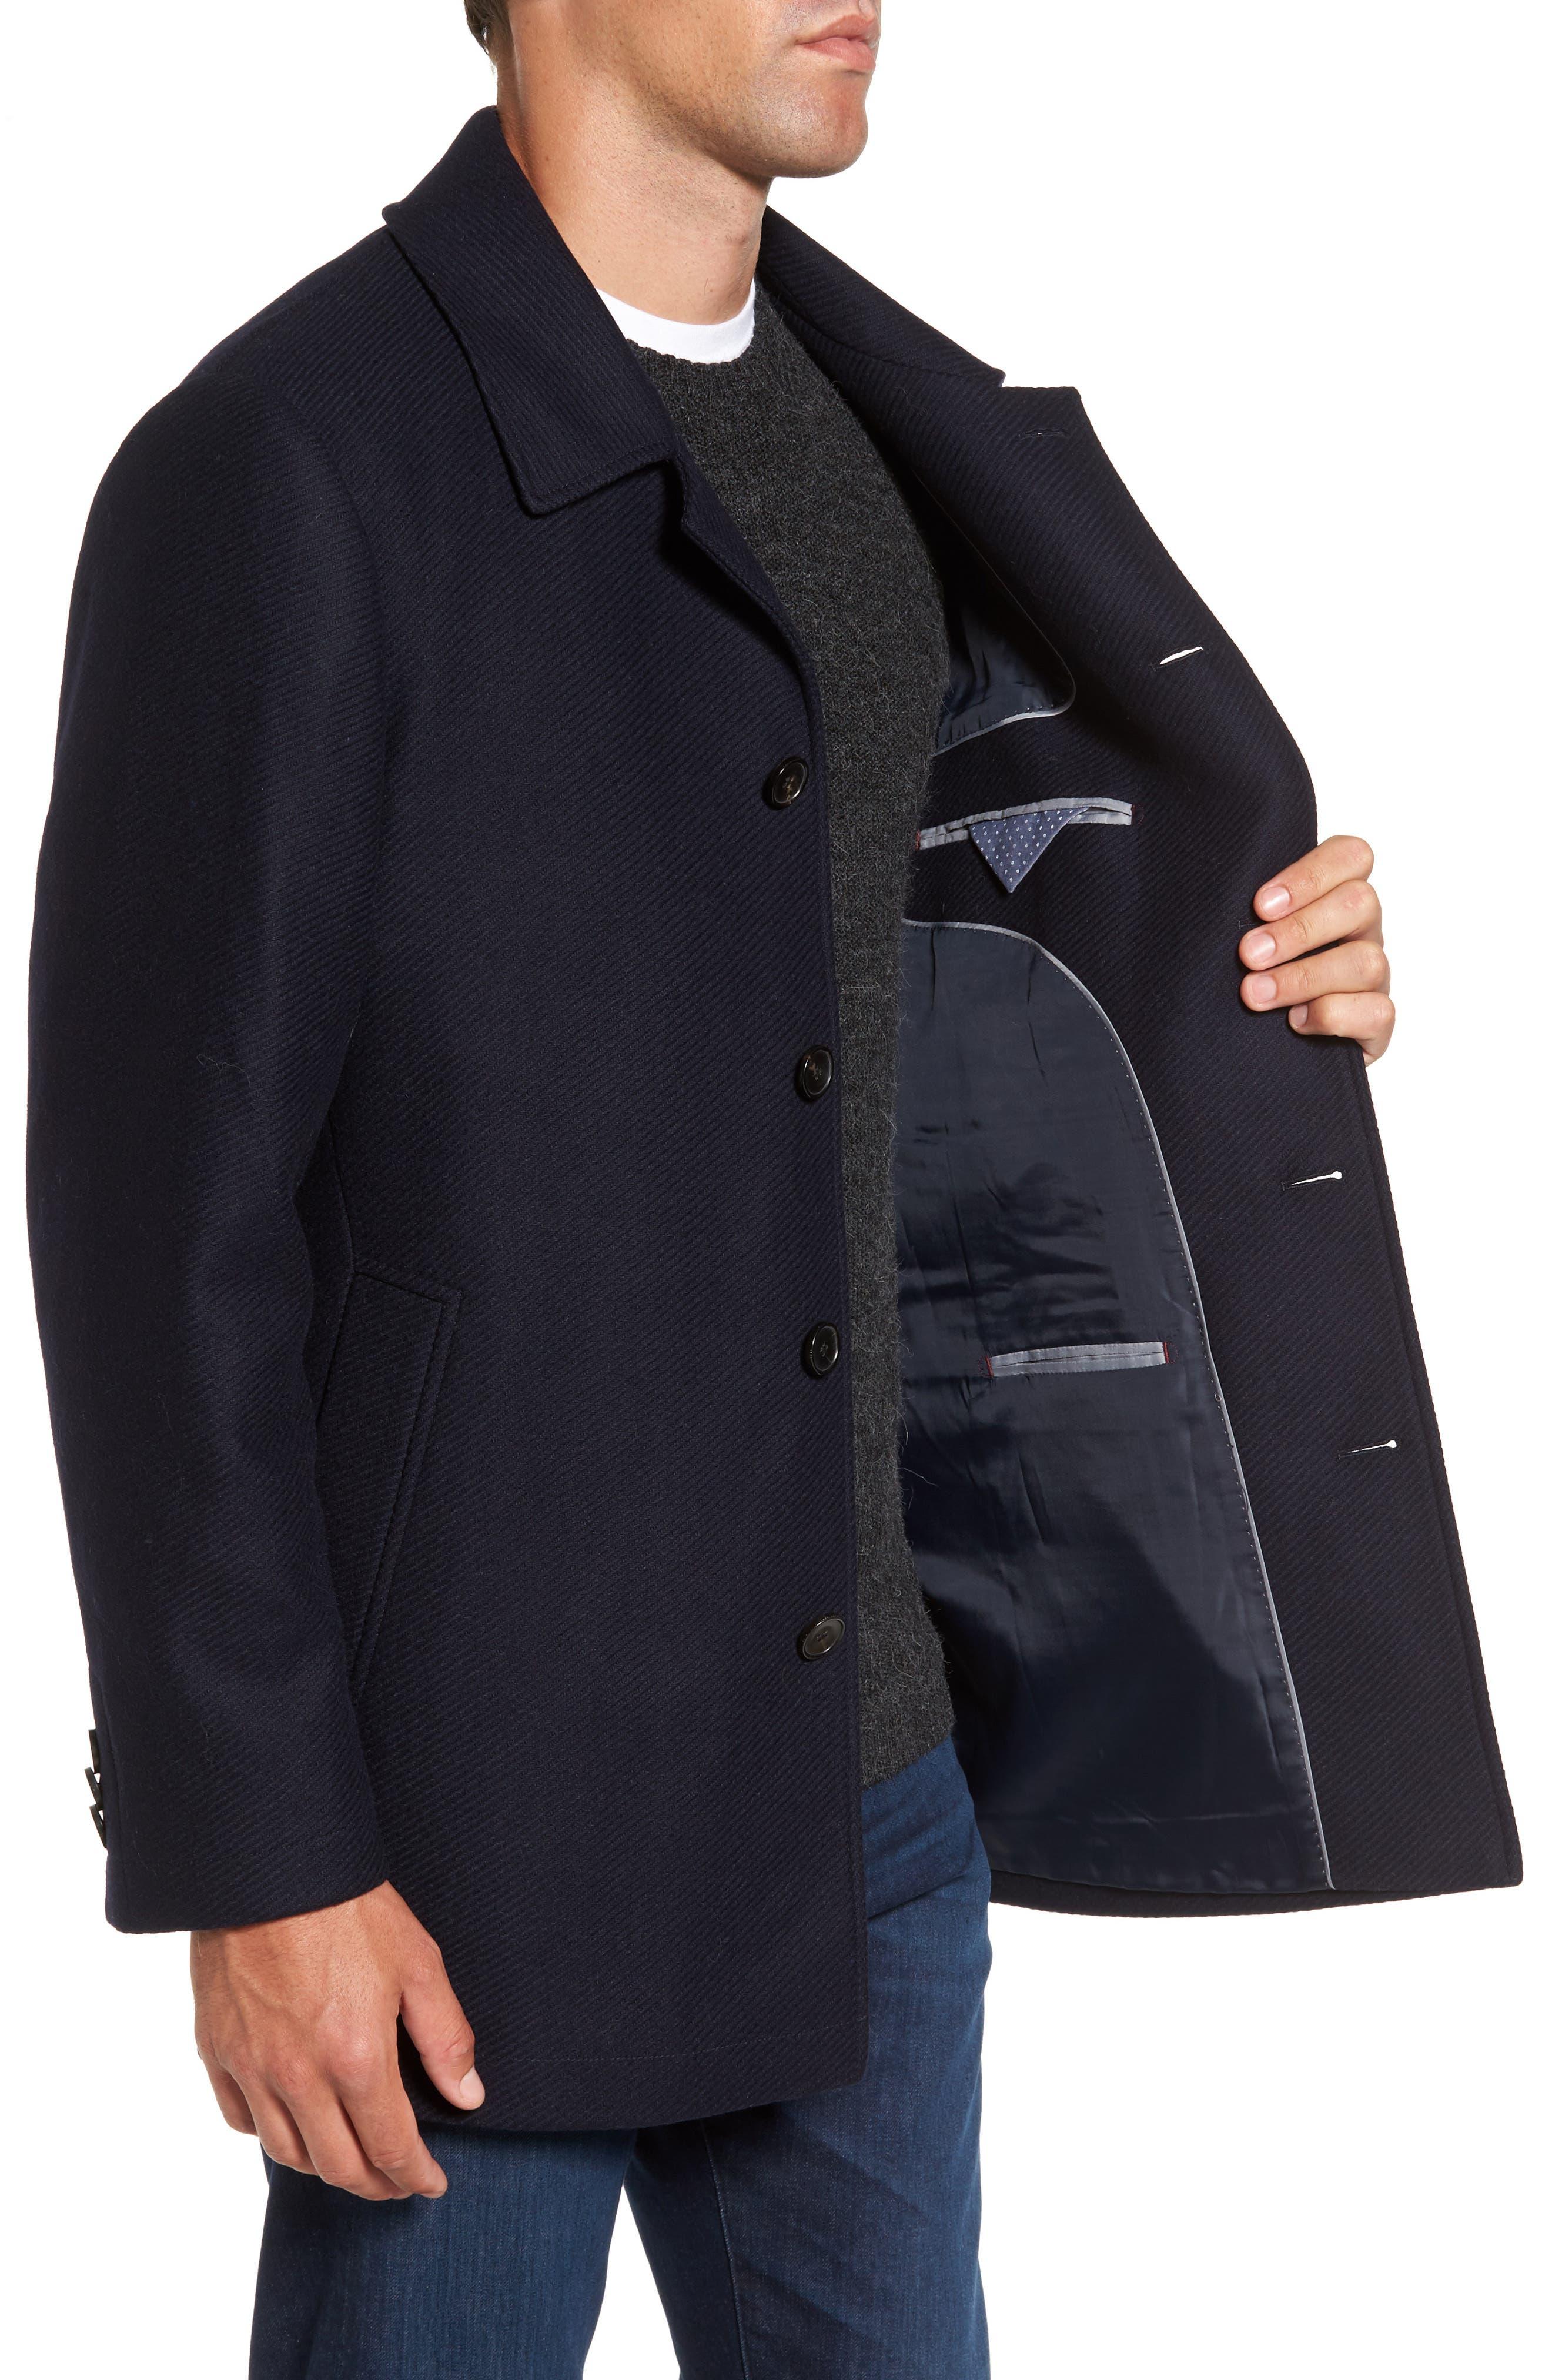 Alternate Image 3  - Rodd & Gunn Christchurch Wool Blend Jacket